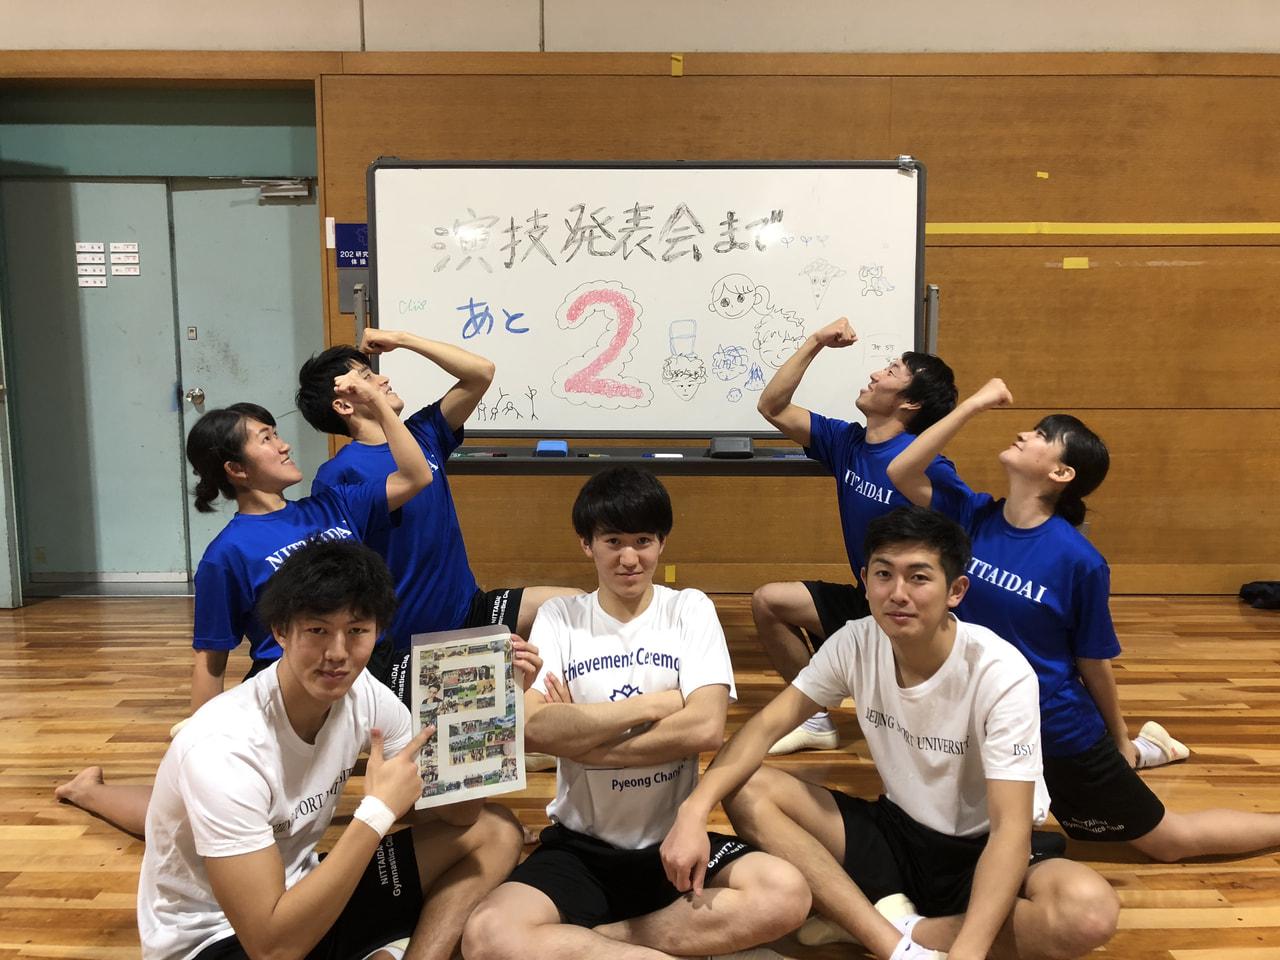 演技発表会まで残り2日!